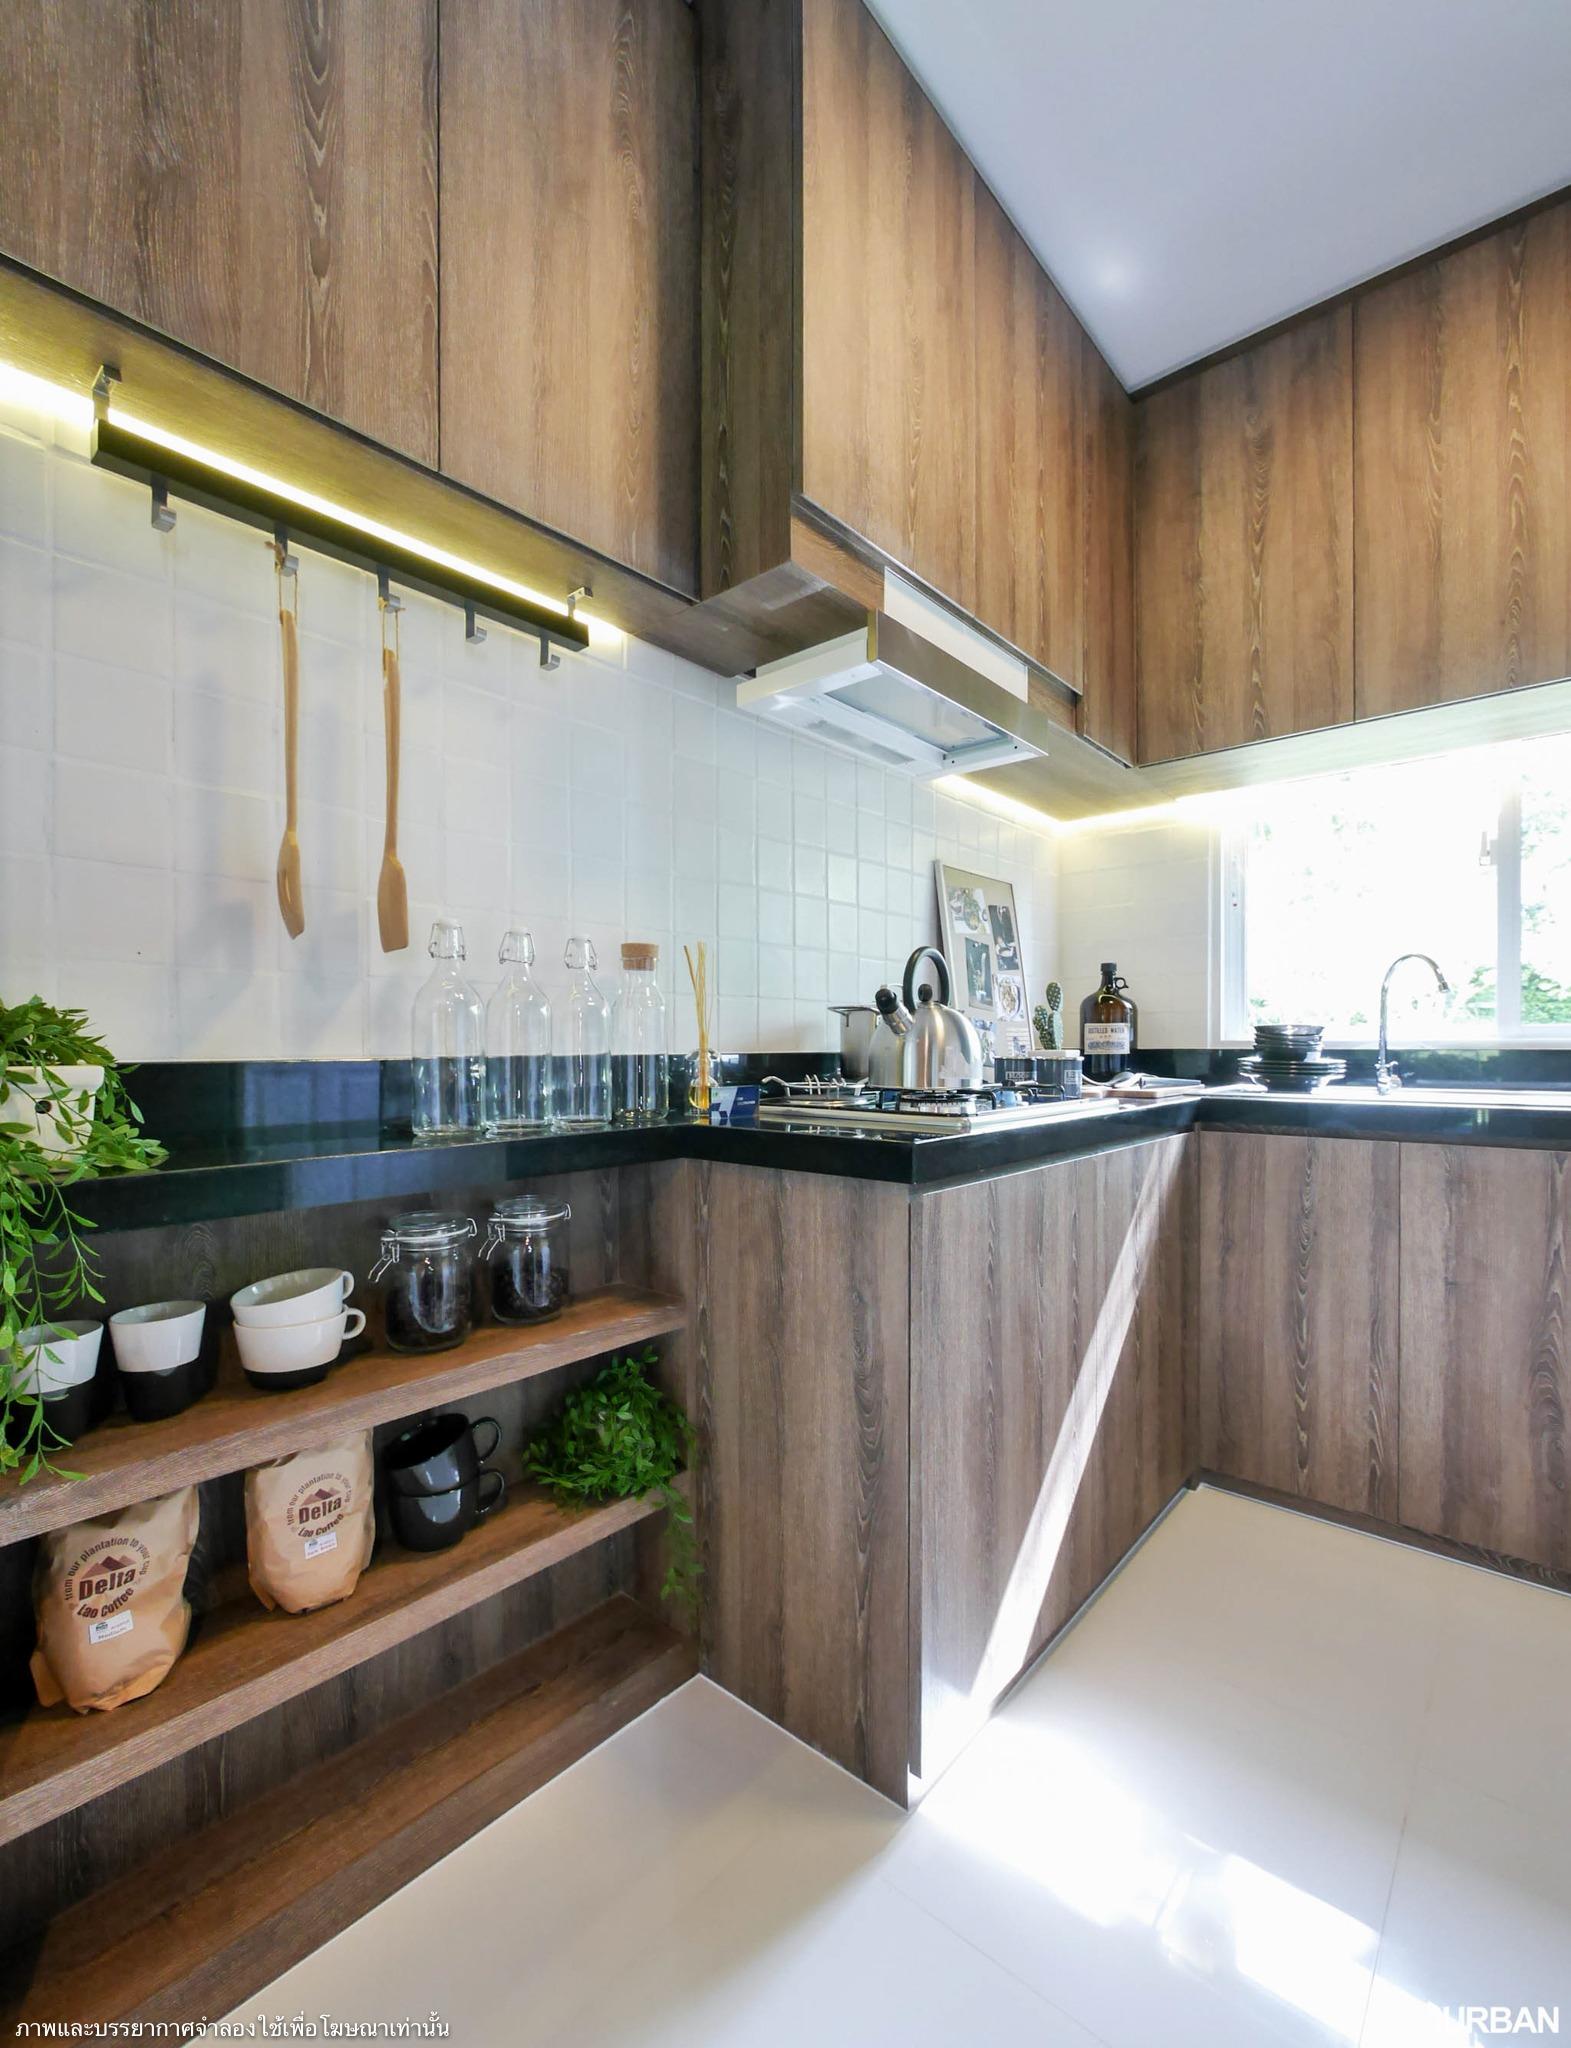 The Plant เทพารักษ์-บางนา ชมบ้านตัวอย่างและรีวิวโครงการ บ้านเดี่ยวดีไซน์สวย ทำเลดีใกล้ห้างและตลาด เริ่ม 3.8 ล้าน 31 - Megabangna (เมกาบางนา)